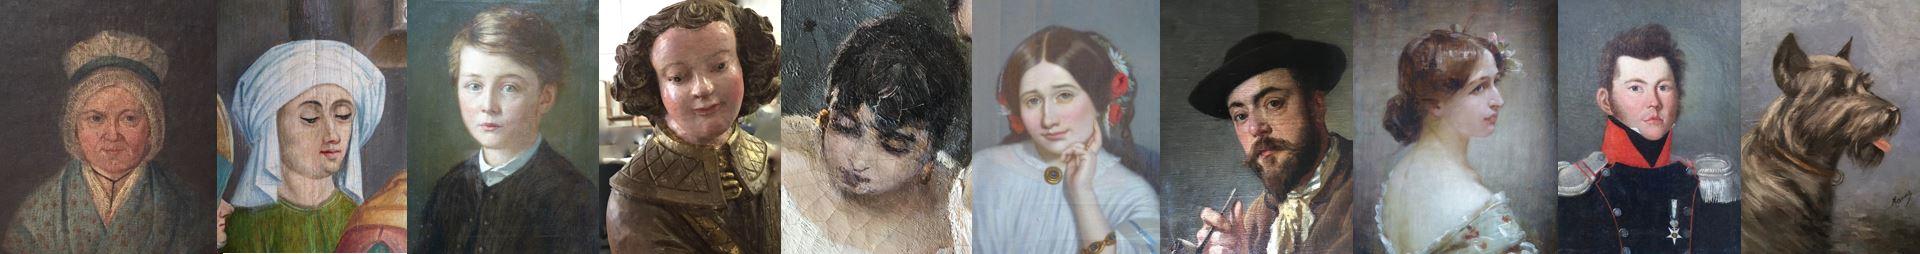 Restauration de portrait | Atelier de Montravel